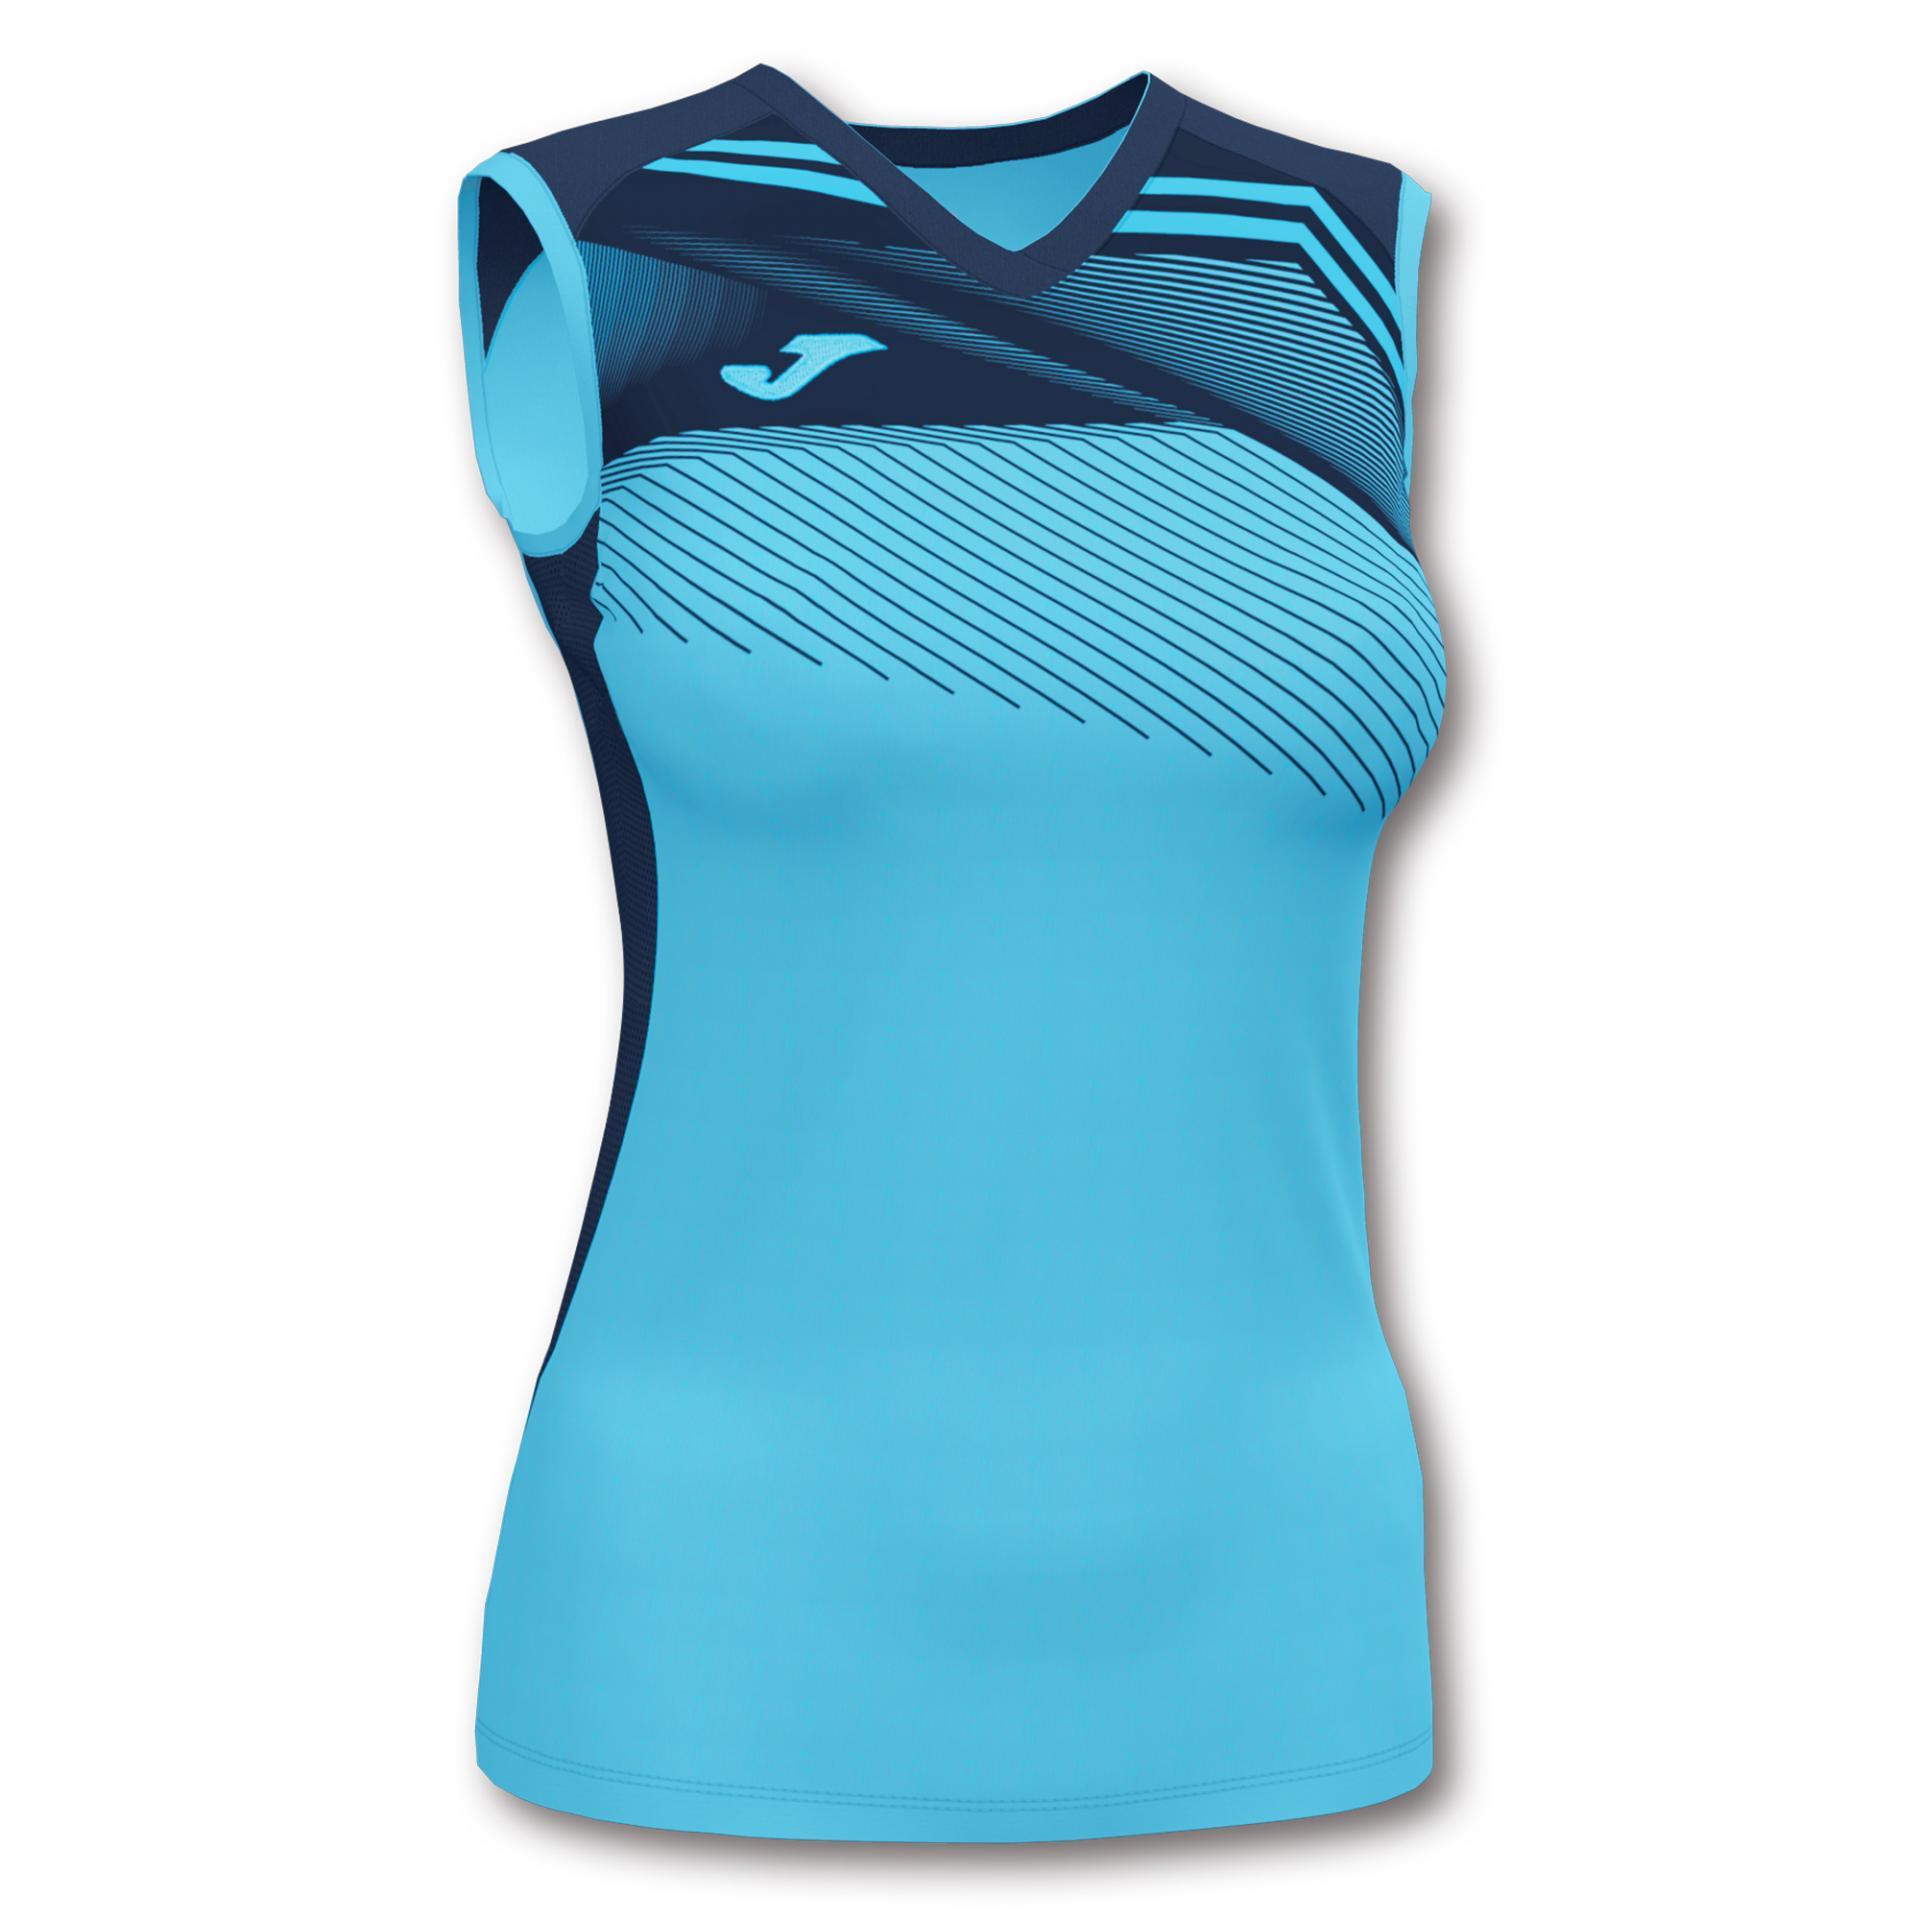 Camiseta Mujer Running Joma Supernova II. Turquesa-marino. S/M. 901126.013.